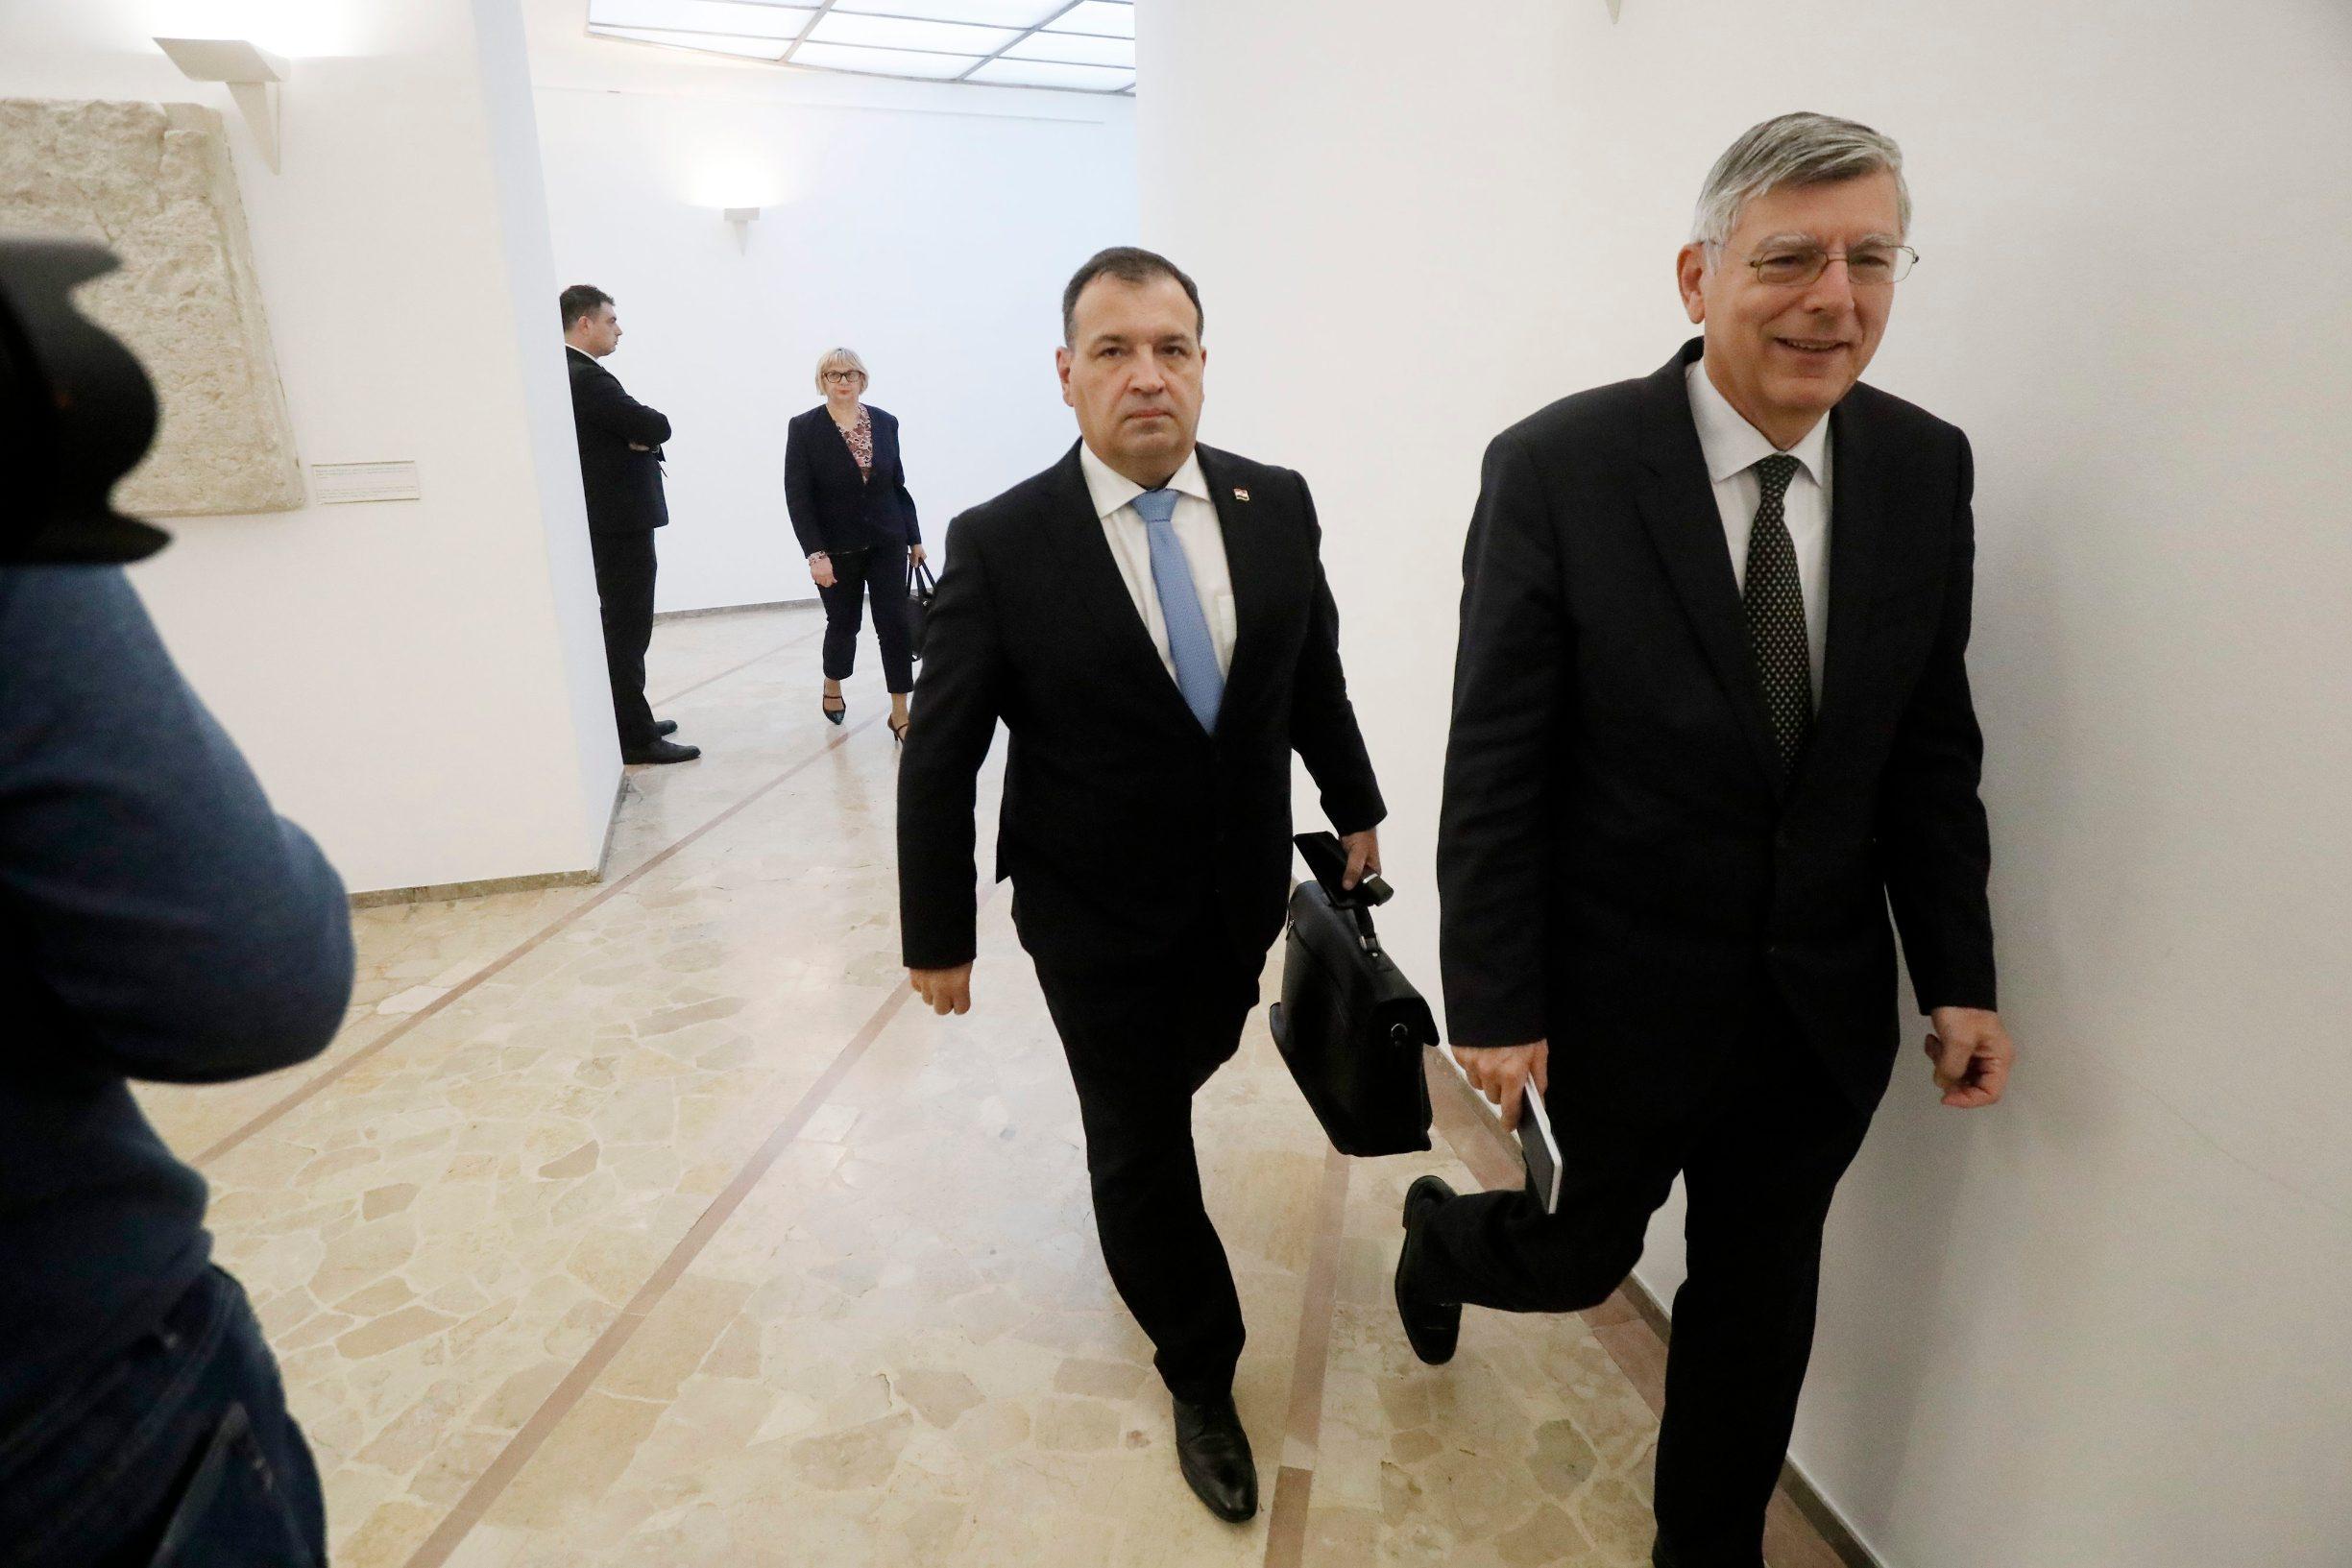 Vili Beroš i Željko Reiner